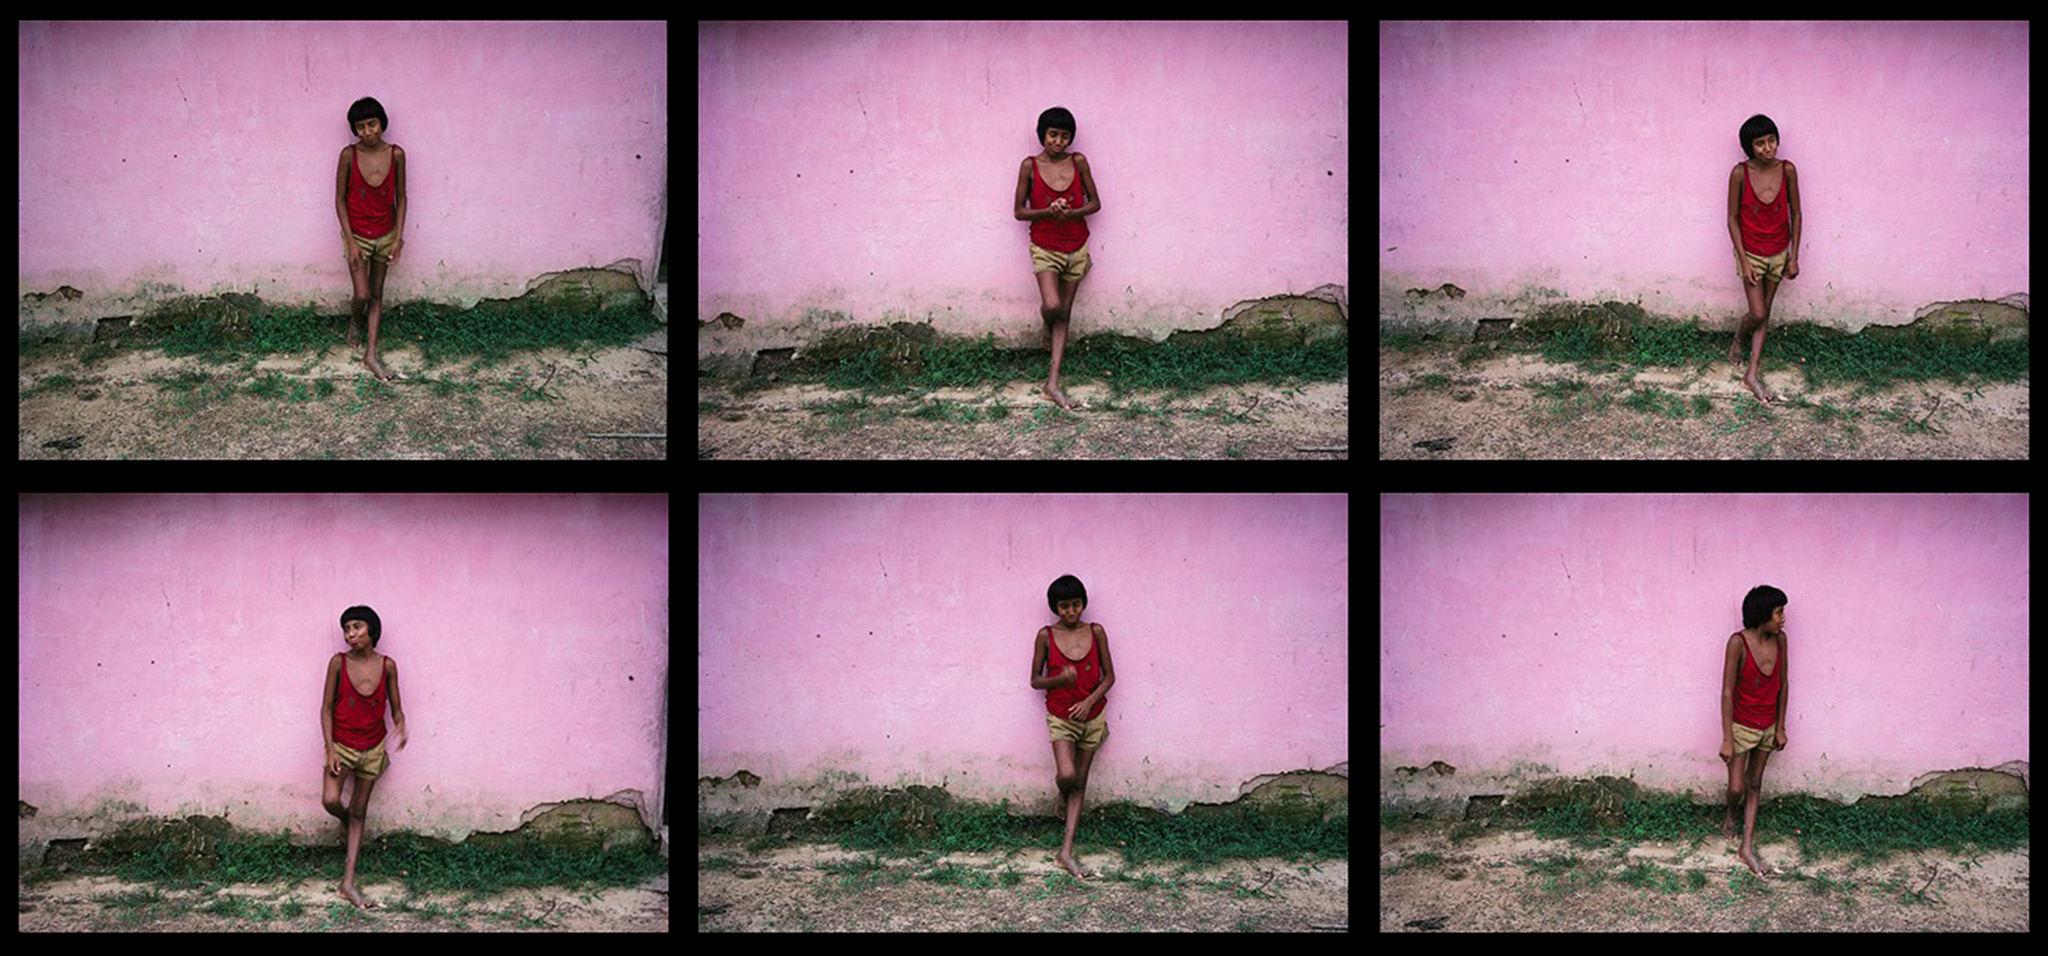 SP-Arte Foto reúne grandes fotógrafos do Brasil e do exterior